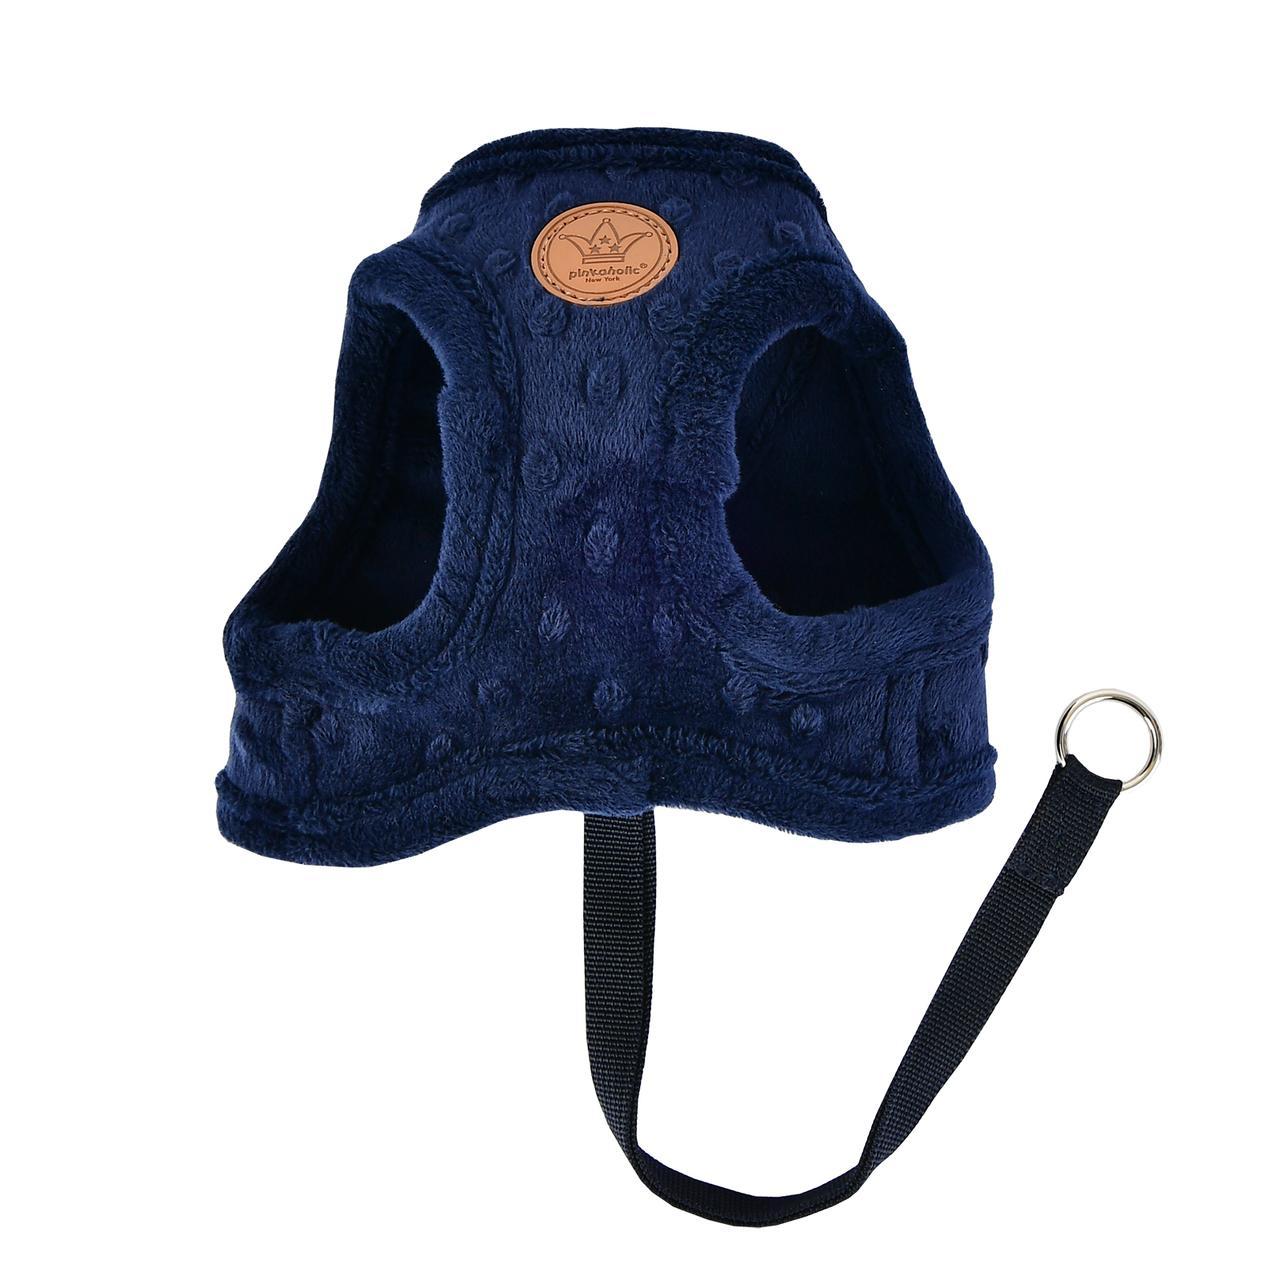 Polina Vest Dog Harness by Pinkaholic - Navy